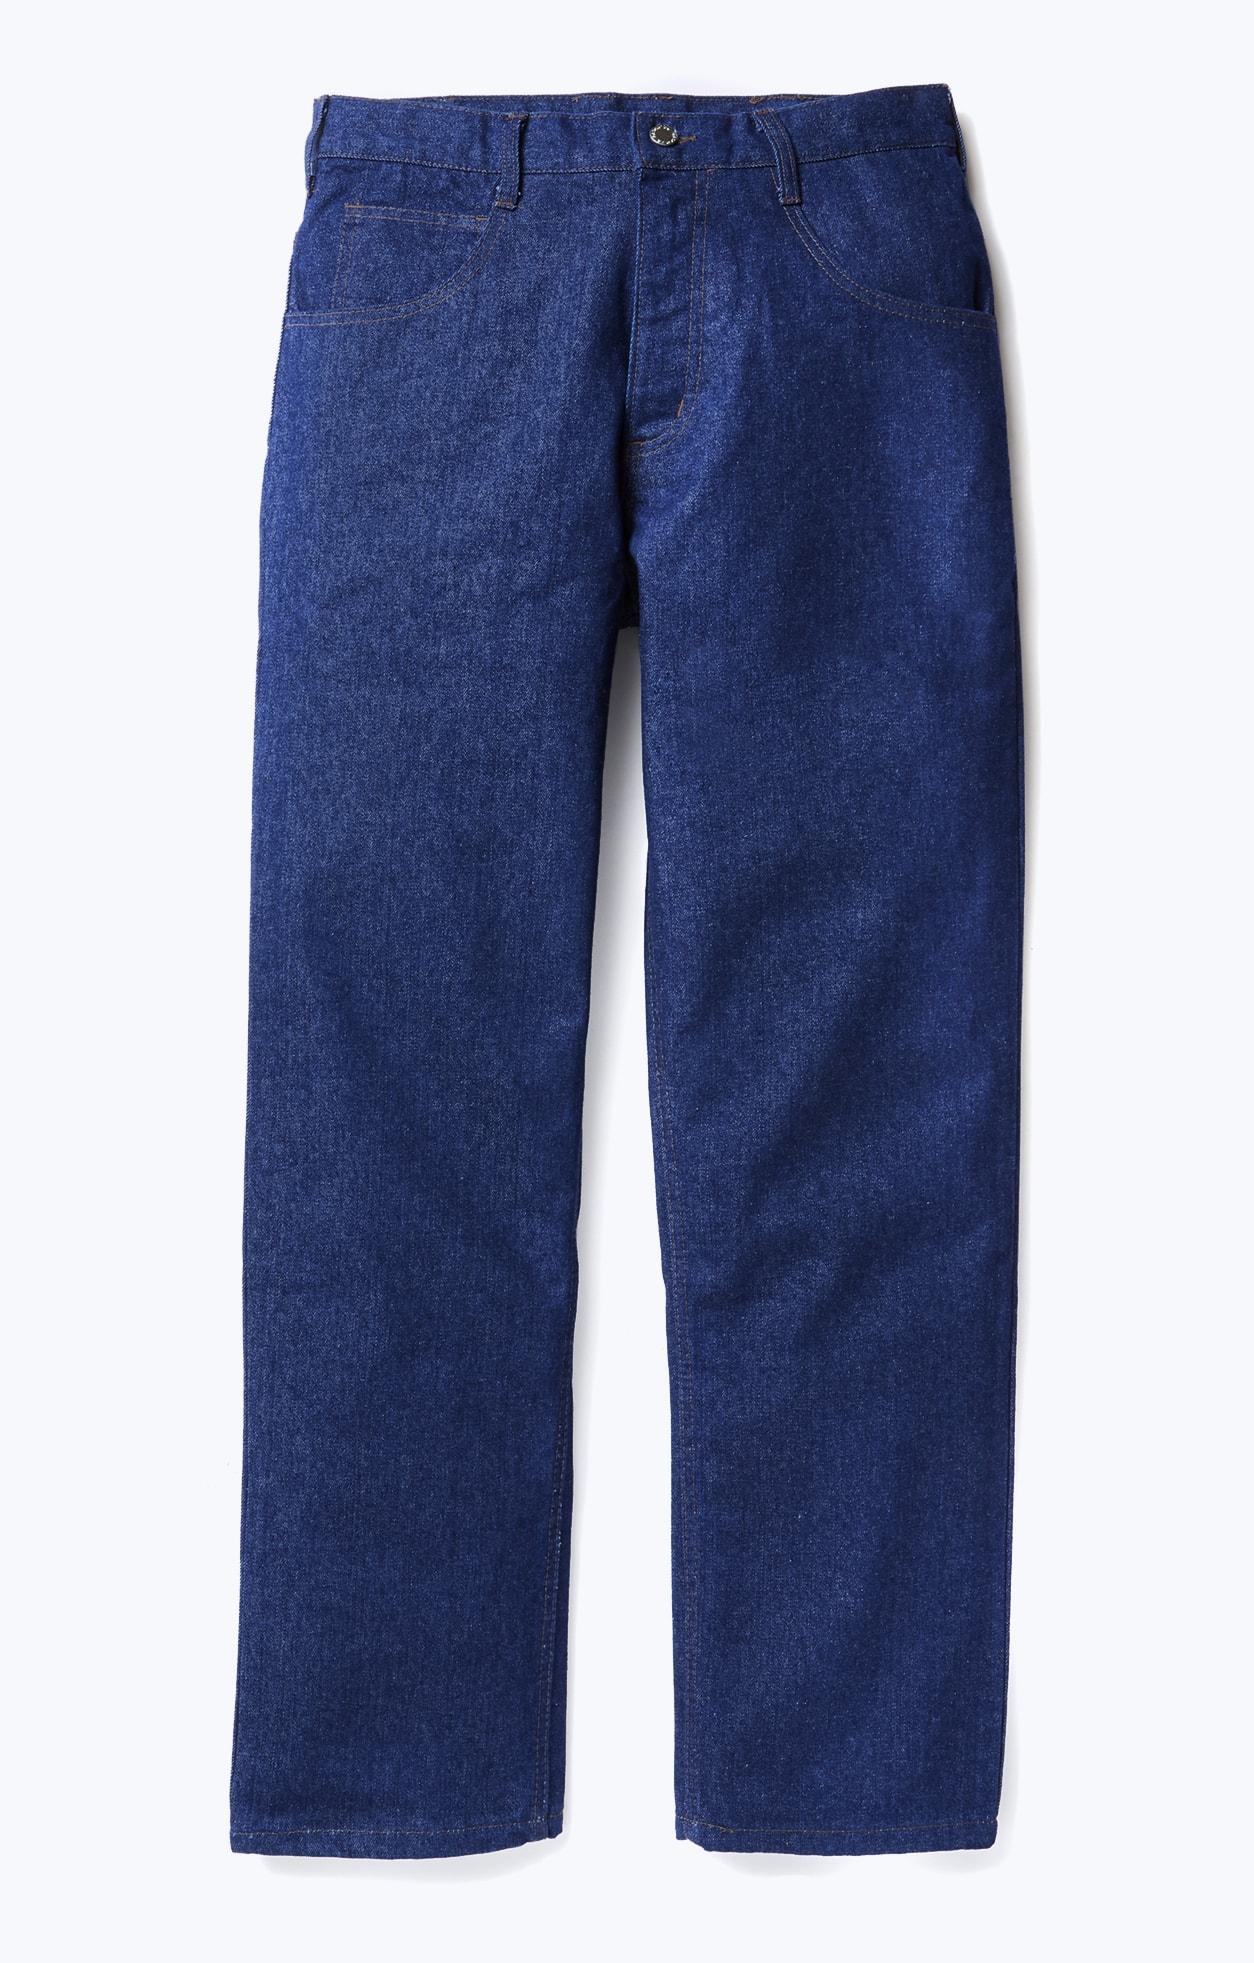 32fb4abd Rasco FR Lightweight Men's Blue Jeans   JFR1211